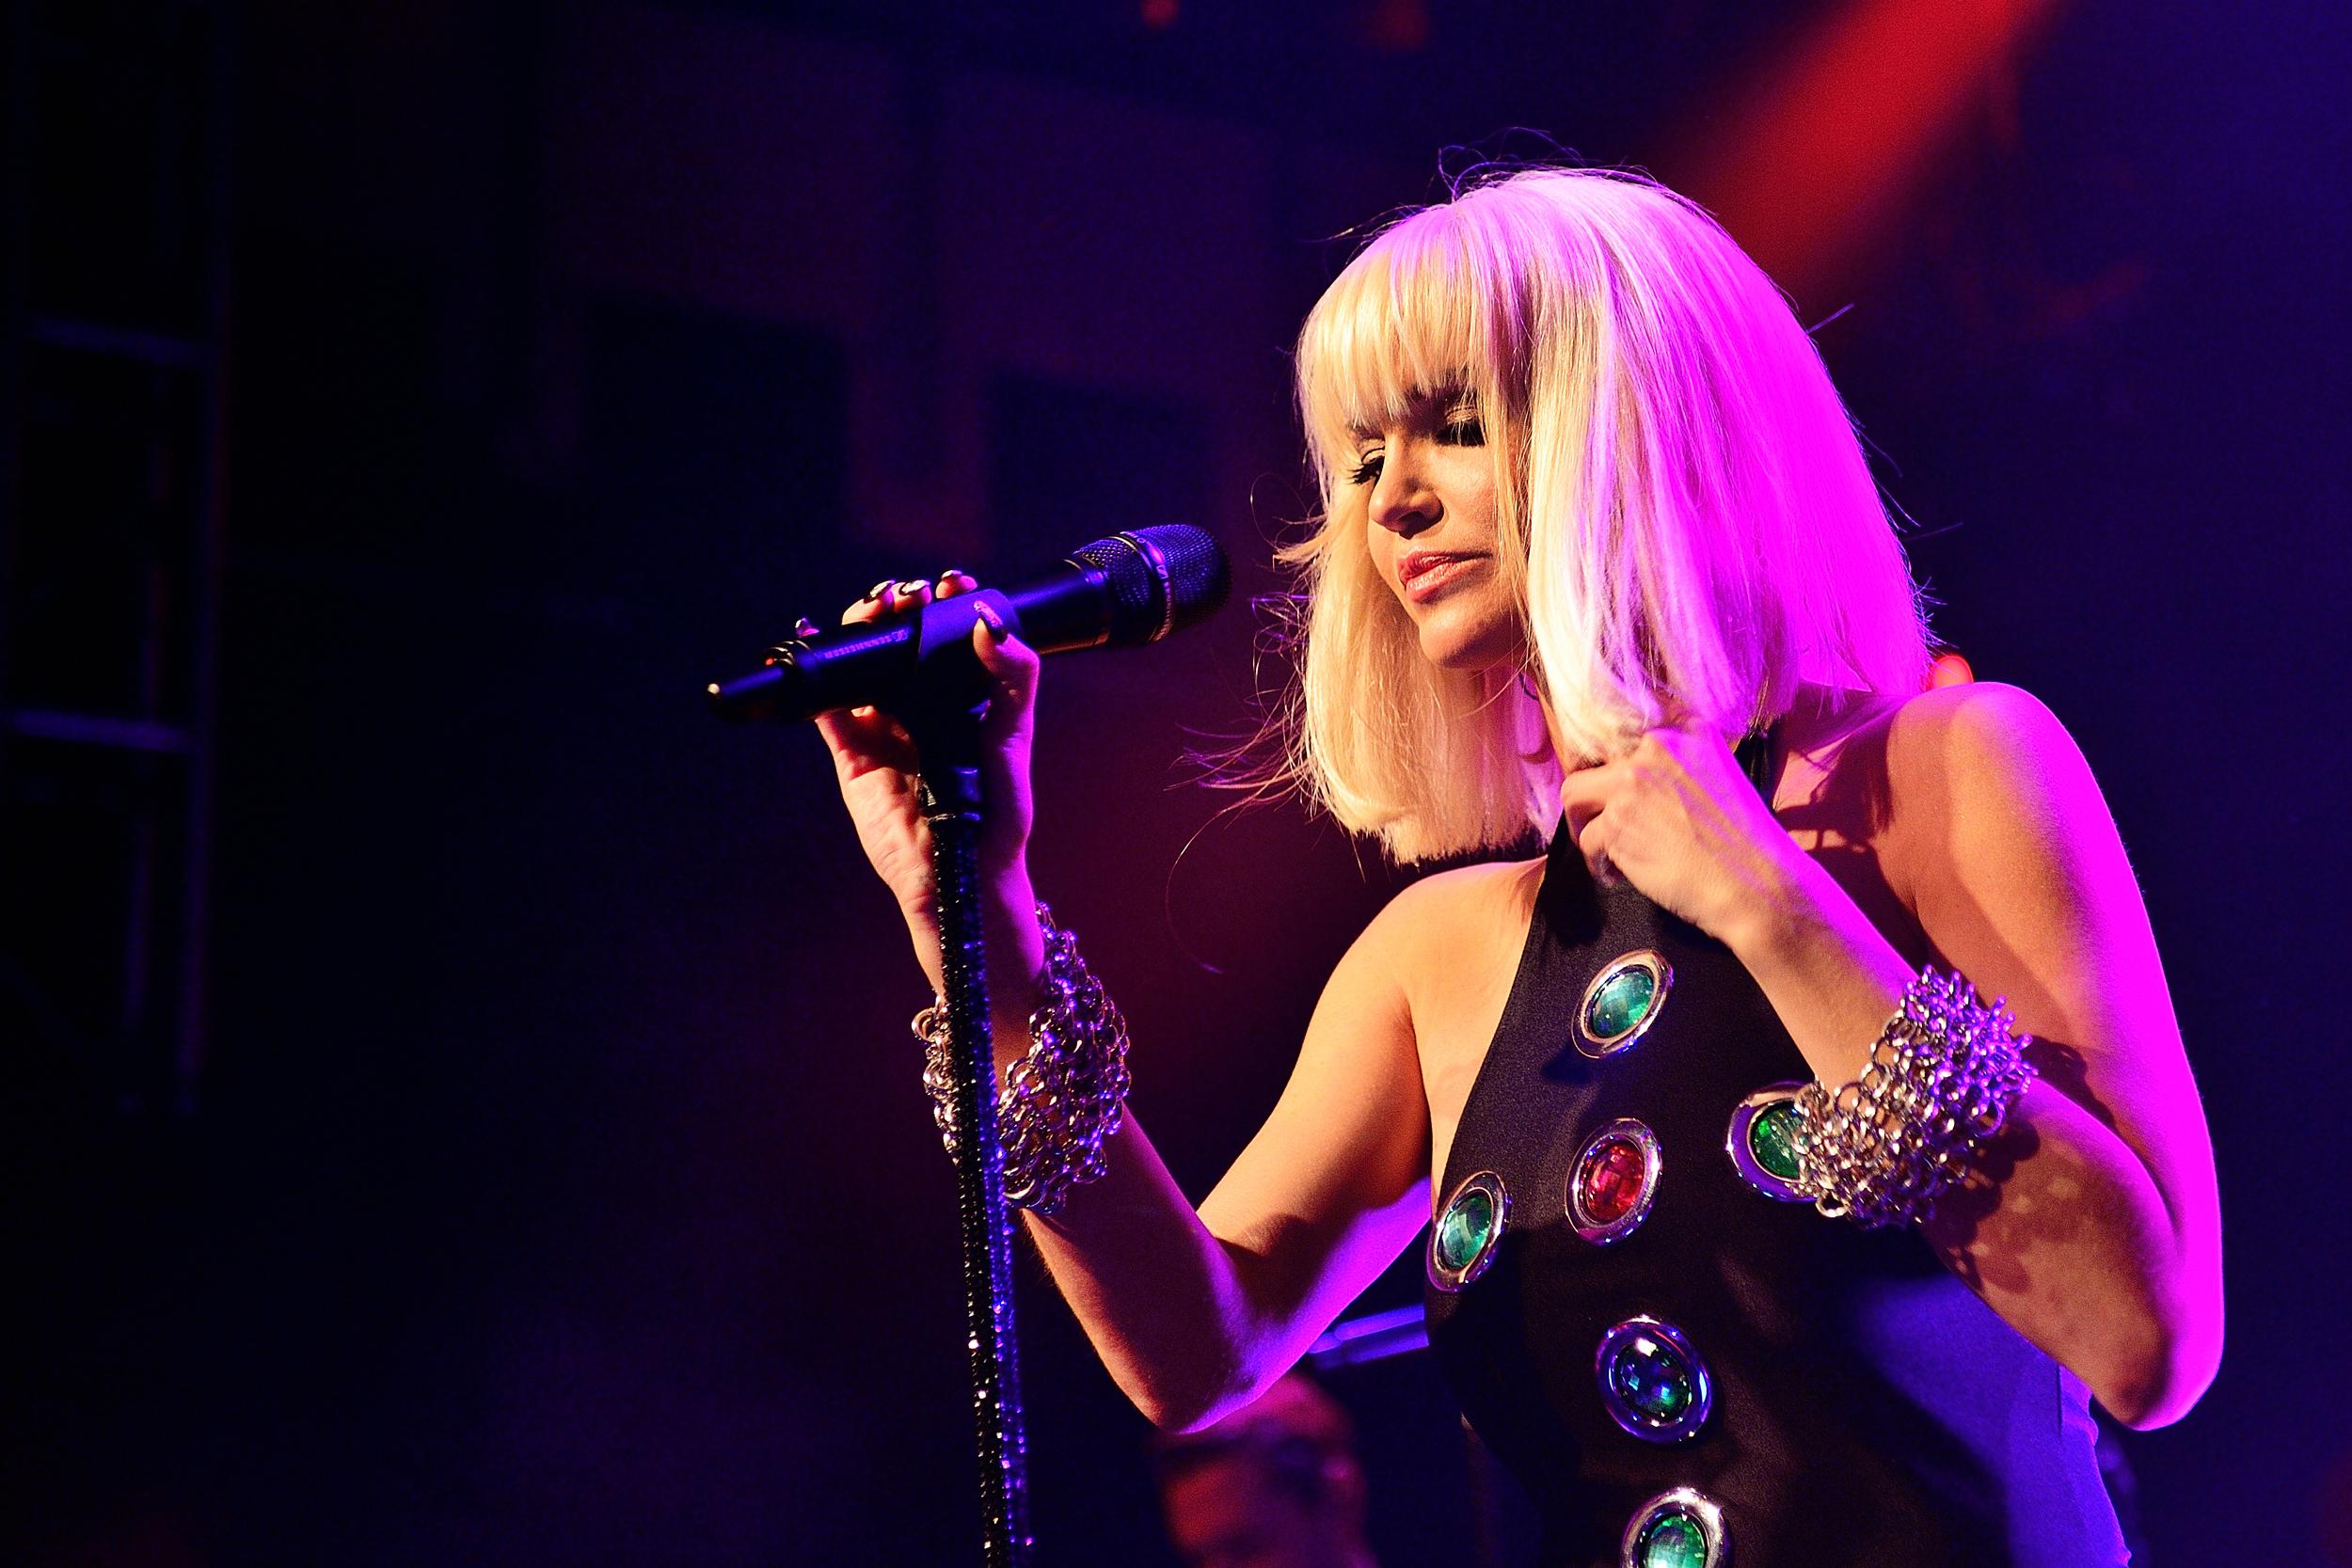 Former 'Girls Aloud' singer Sarah Harding dies at age 39